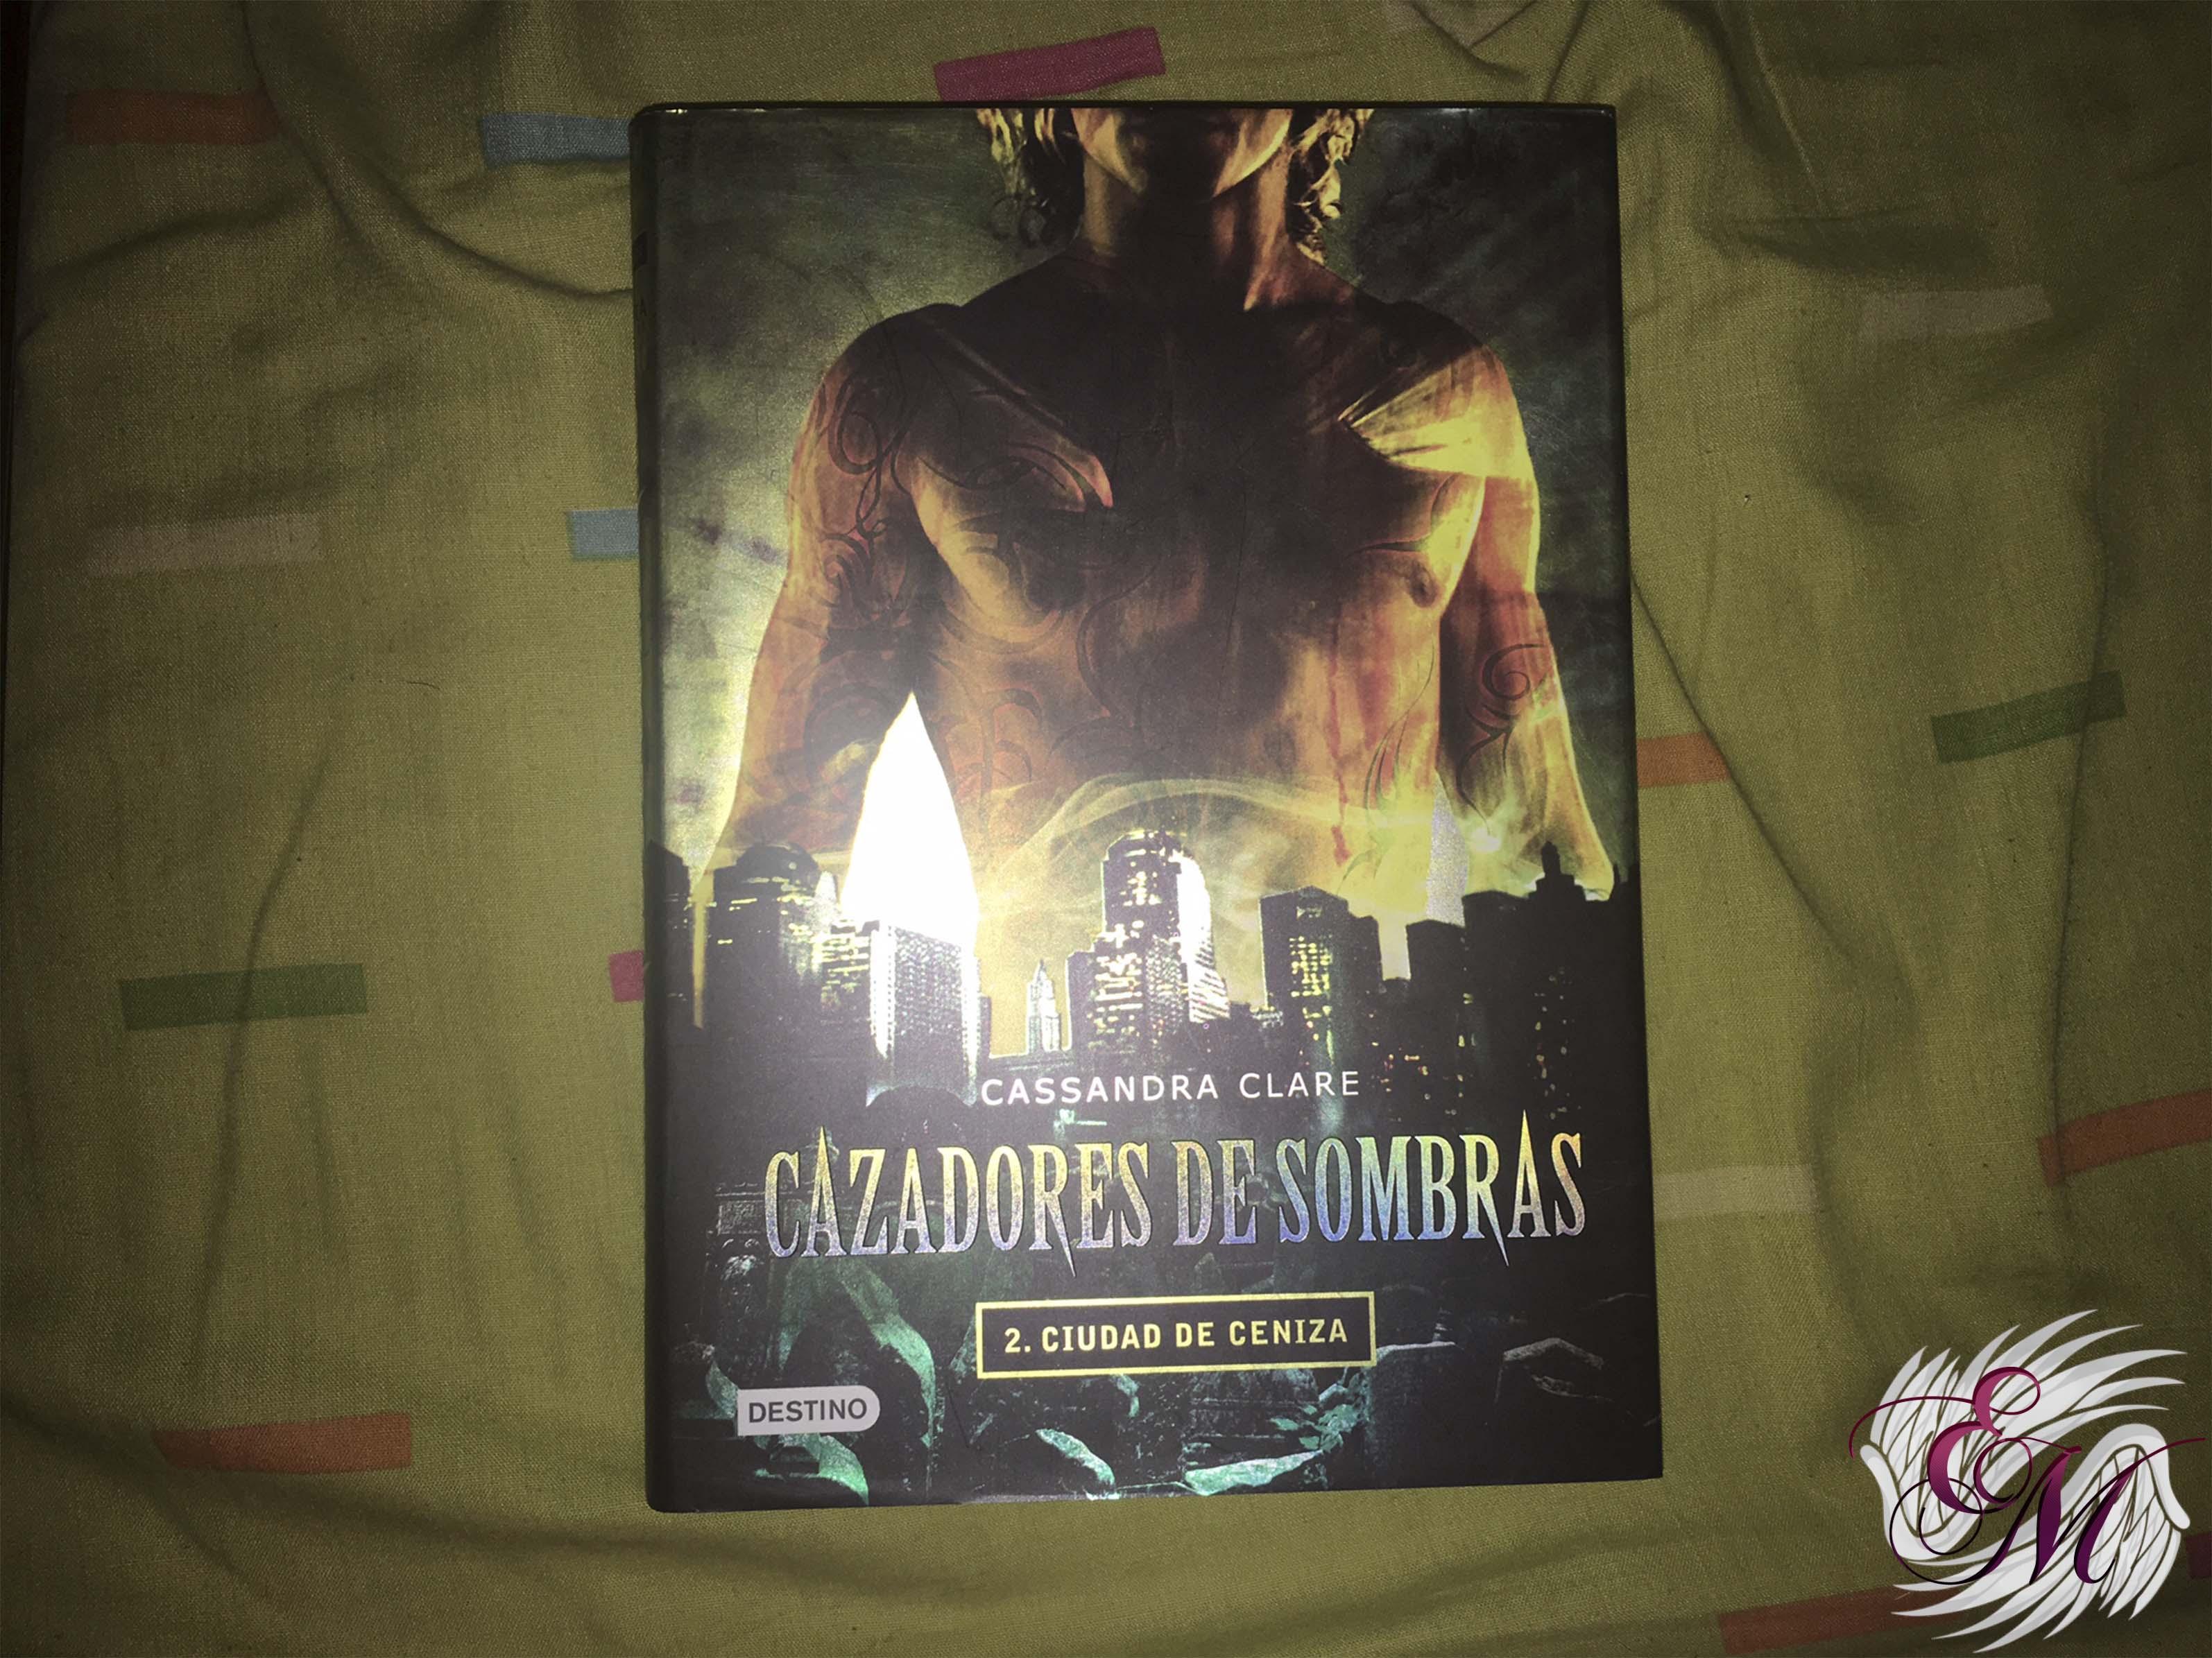 cazadores de sombras, ciudad de ceniza, de Cassandra Clare - Reseña